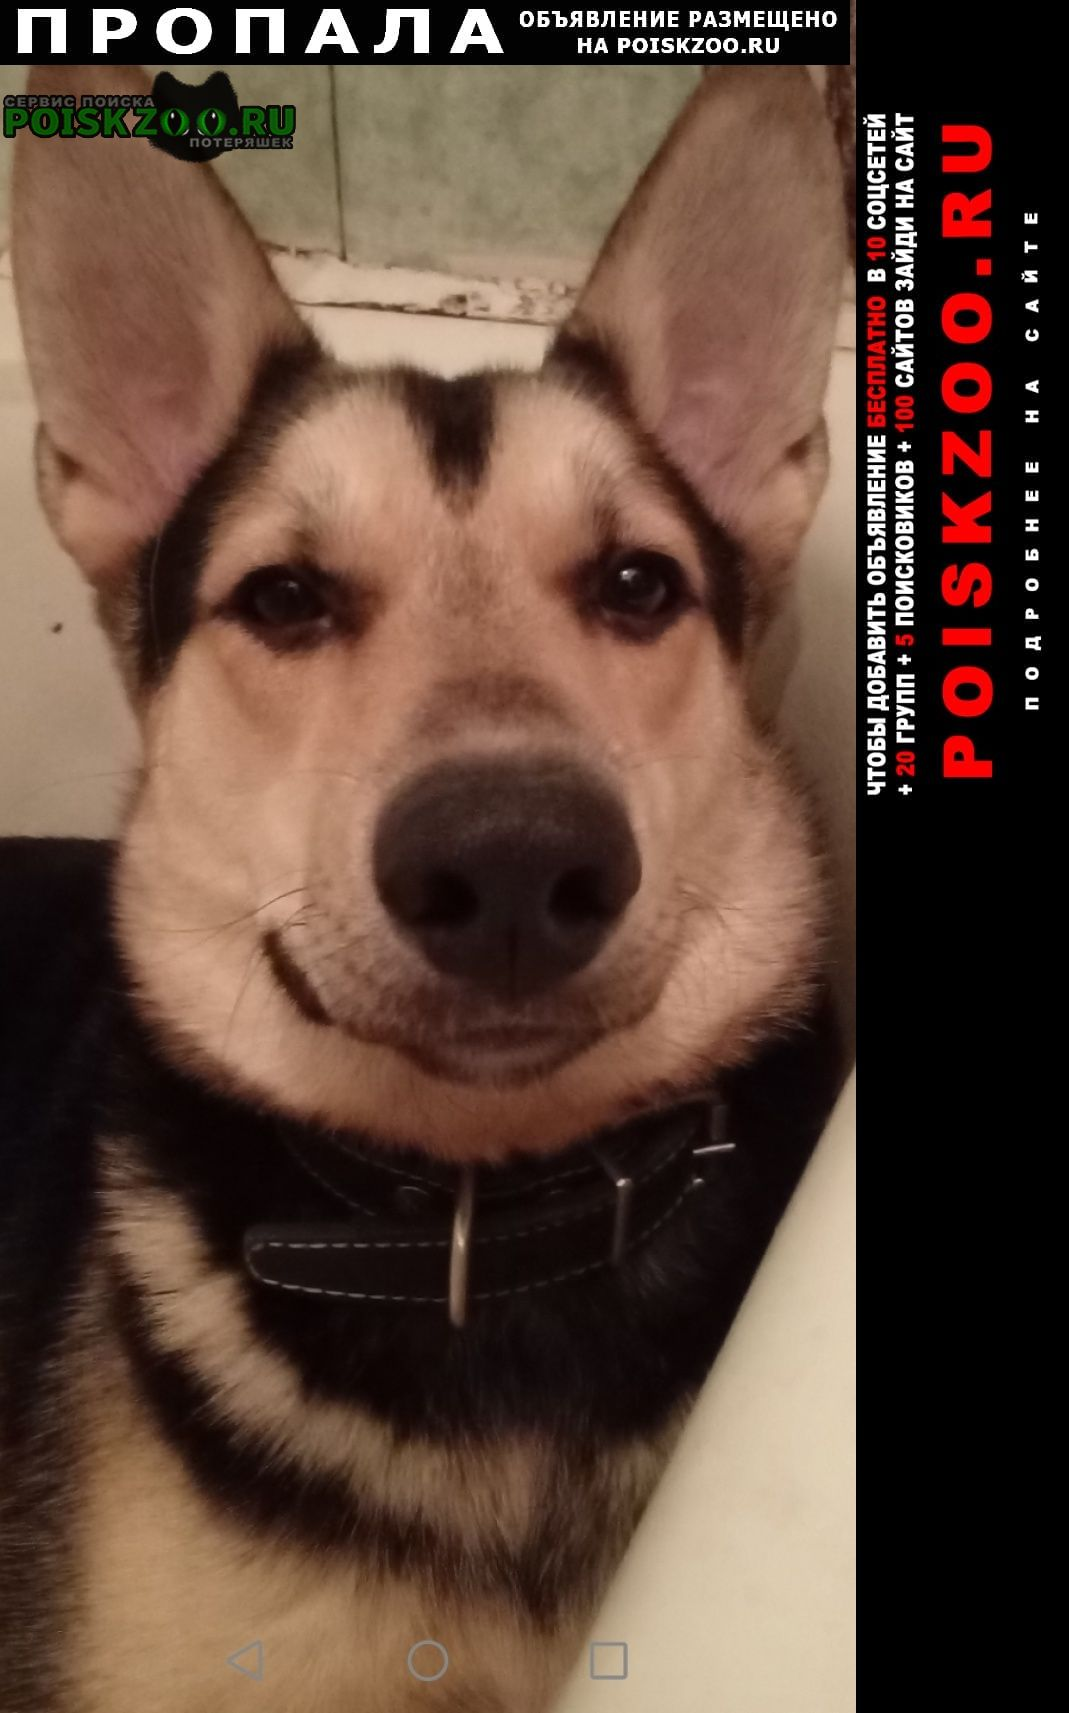 Пропала собака помогите пожалуйста найти Пенза